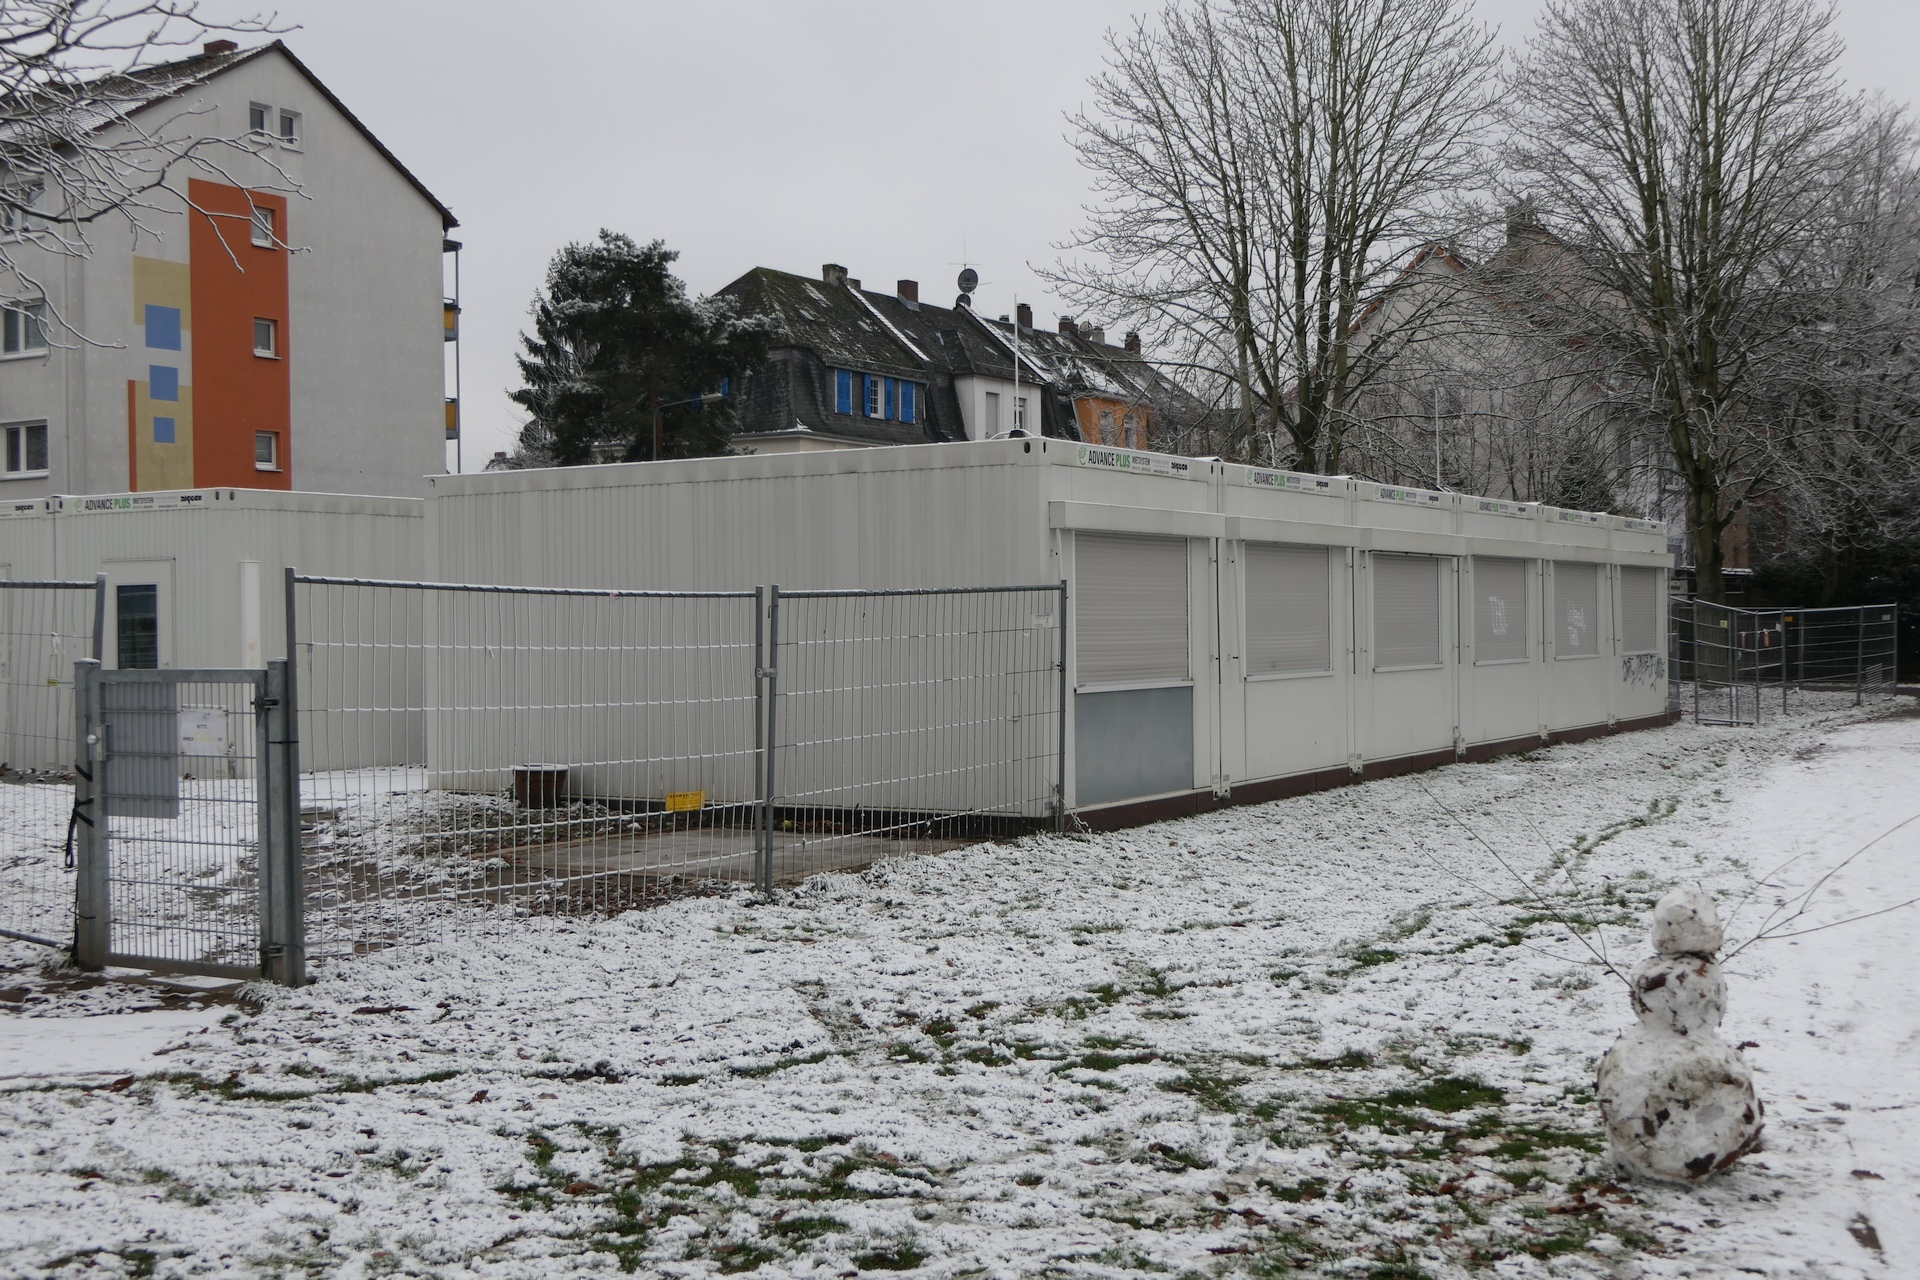 Kinderzentrum Euckenstraße, Container-Anlage in Frankfurt am Main Unterliederbach (Provisorium)